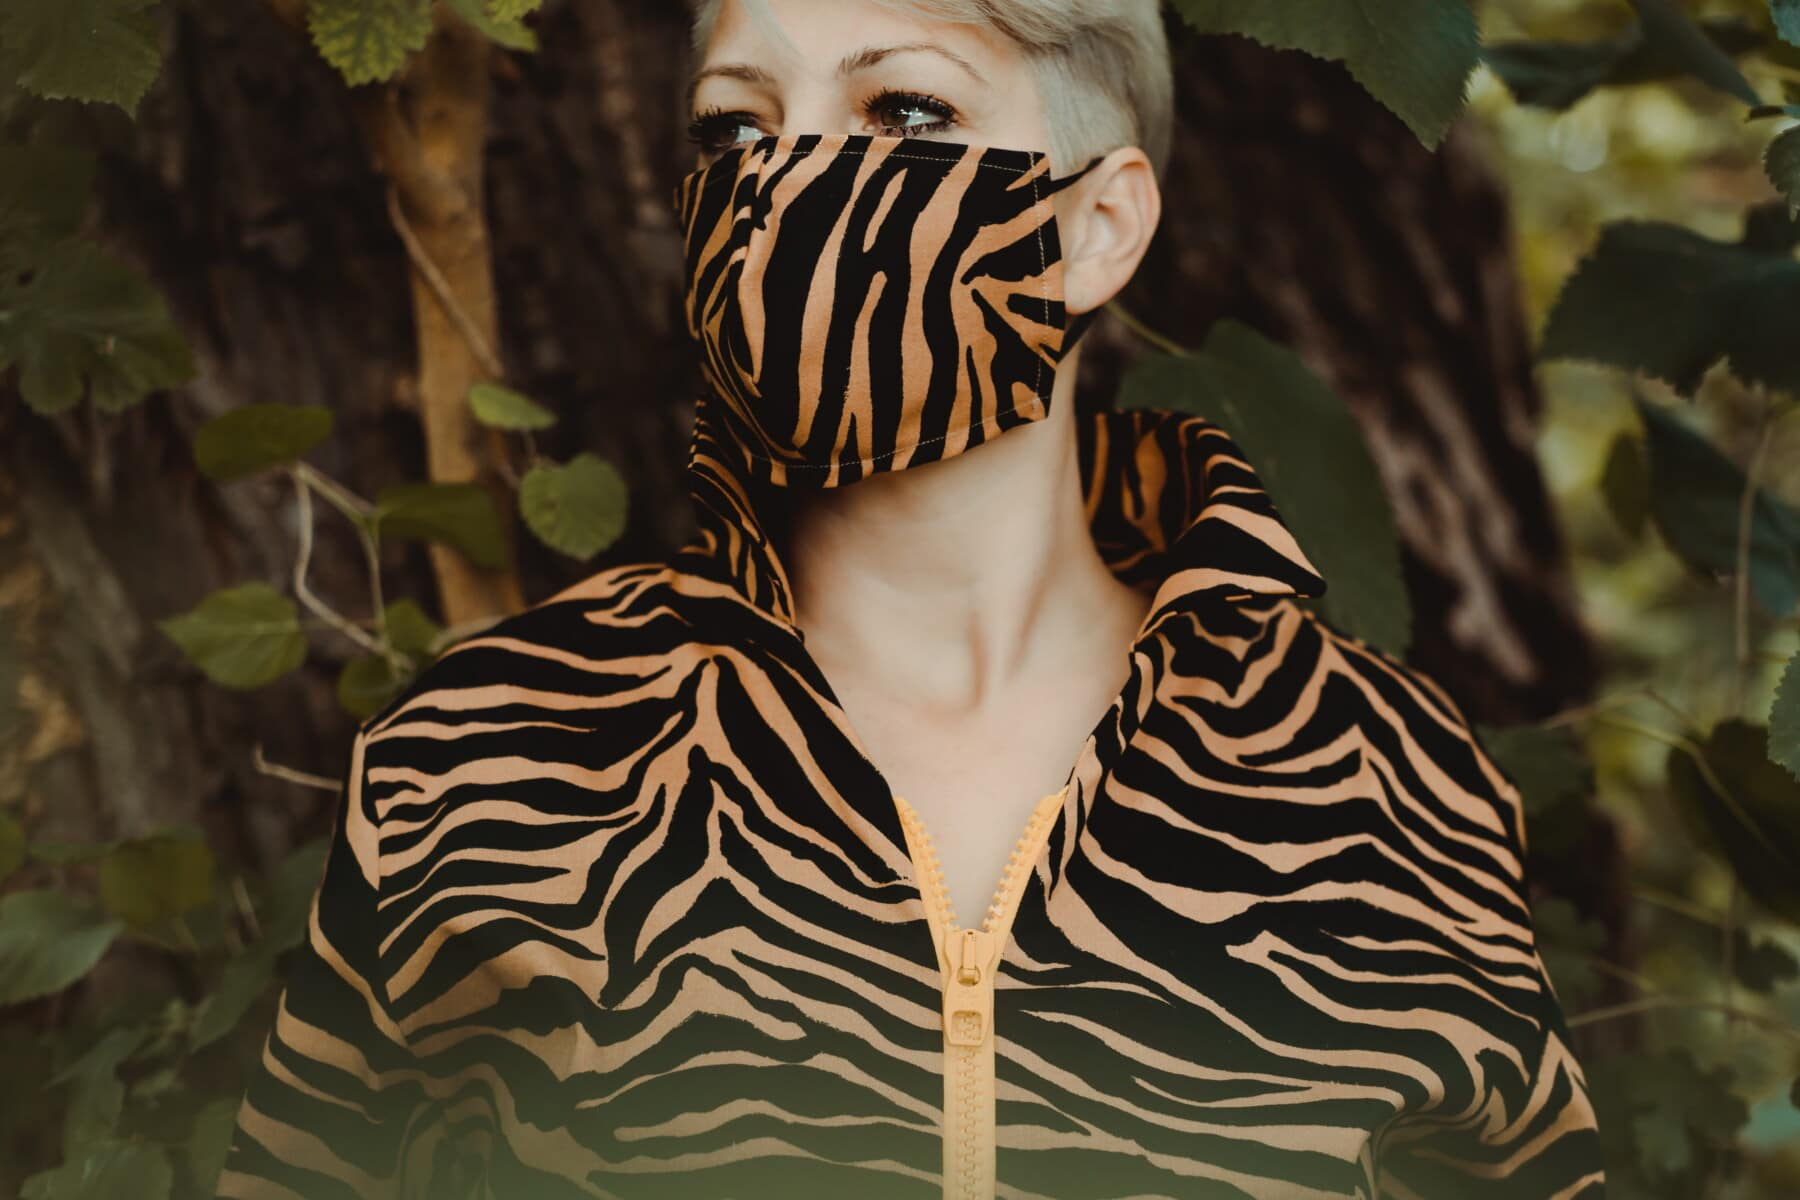 obličejová maska, moderní, oblečení, návrh, kamufláž, móda, koronavirus, COVID-19, příroda, portrét